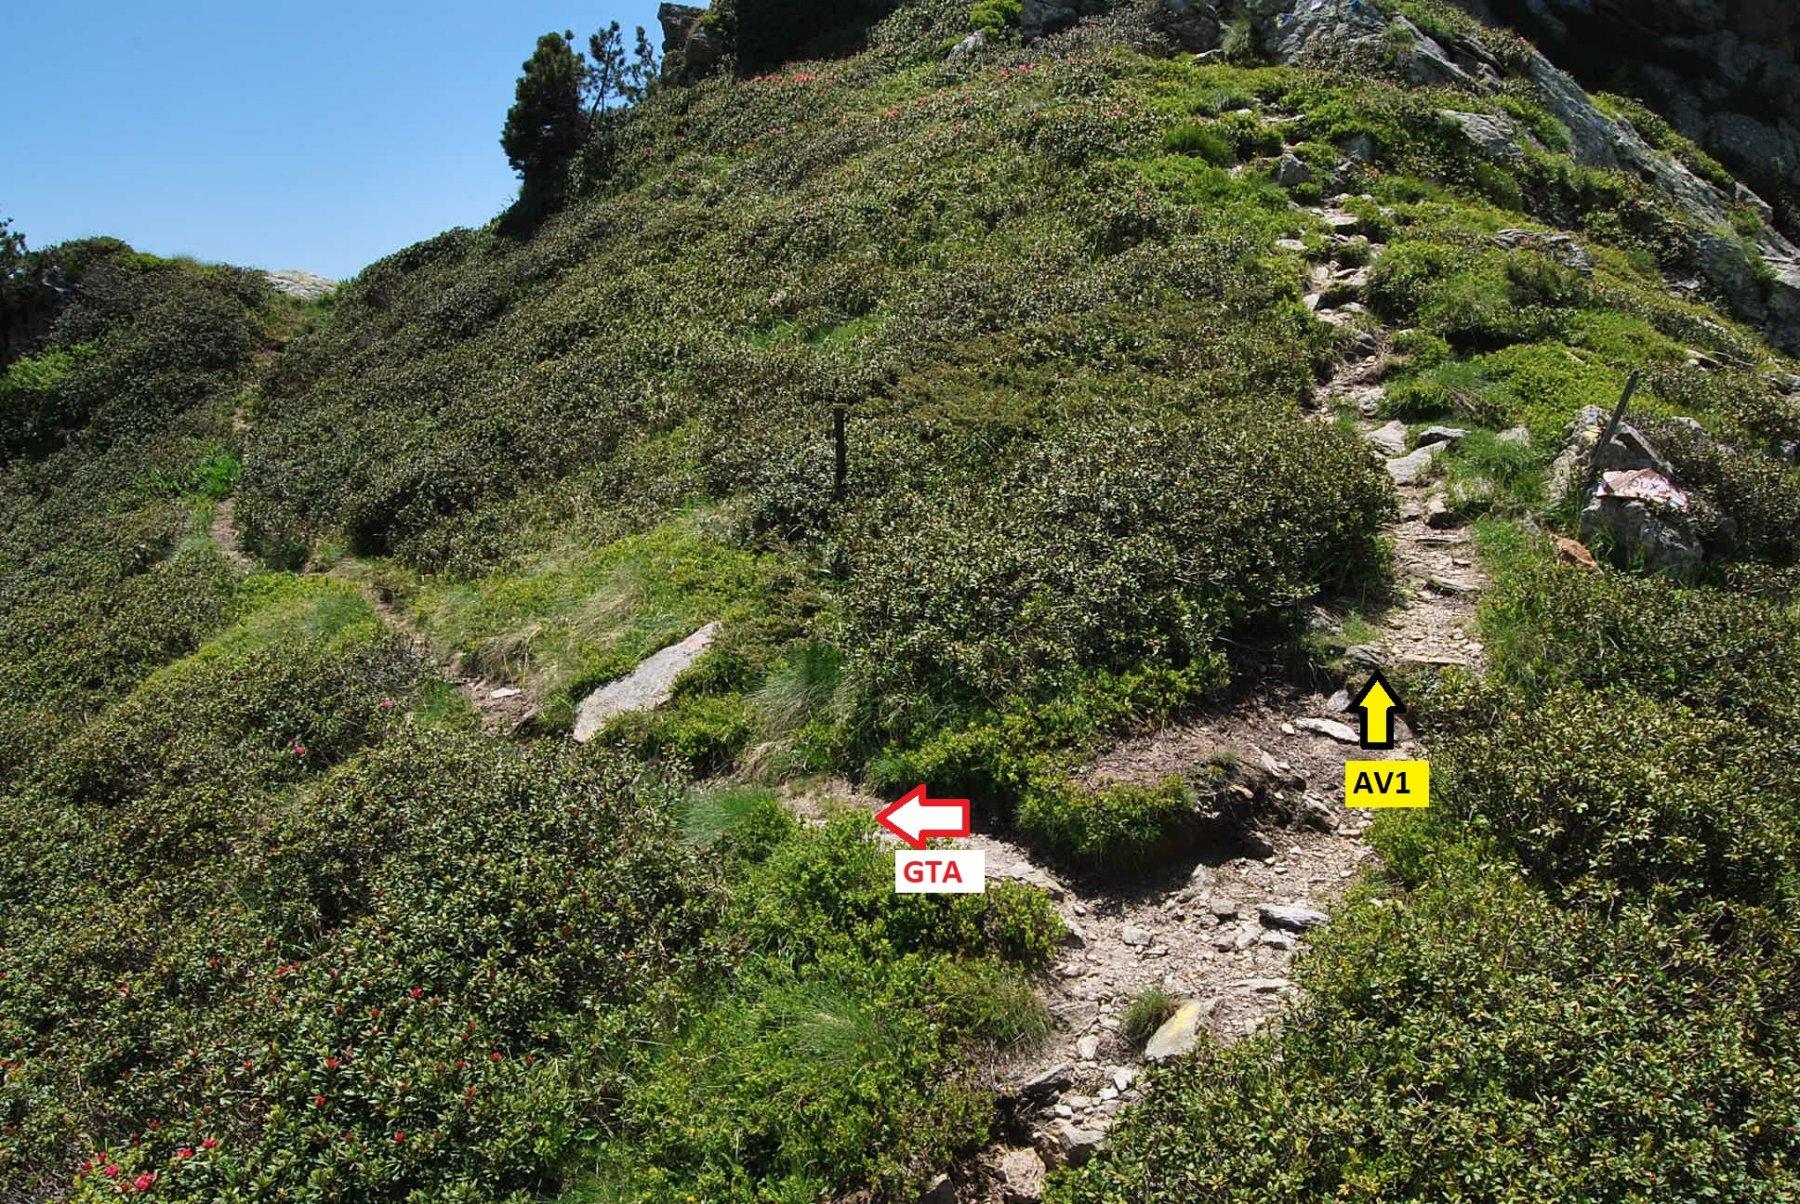 Il bivio di separazione, dopo il Col di Carisey e non indicato, tra GTA e AV1